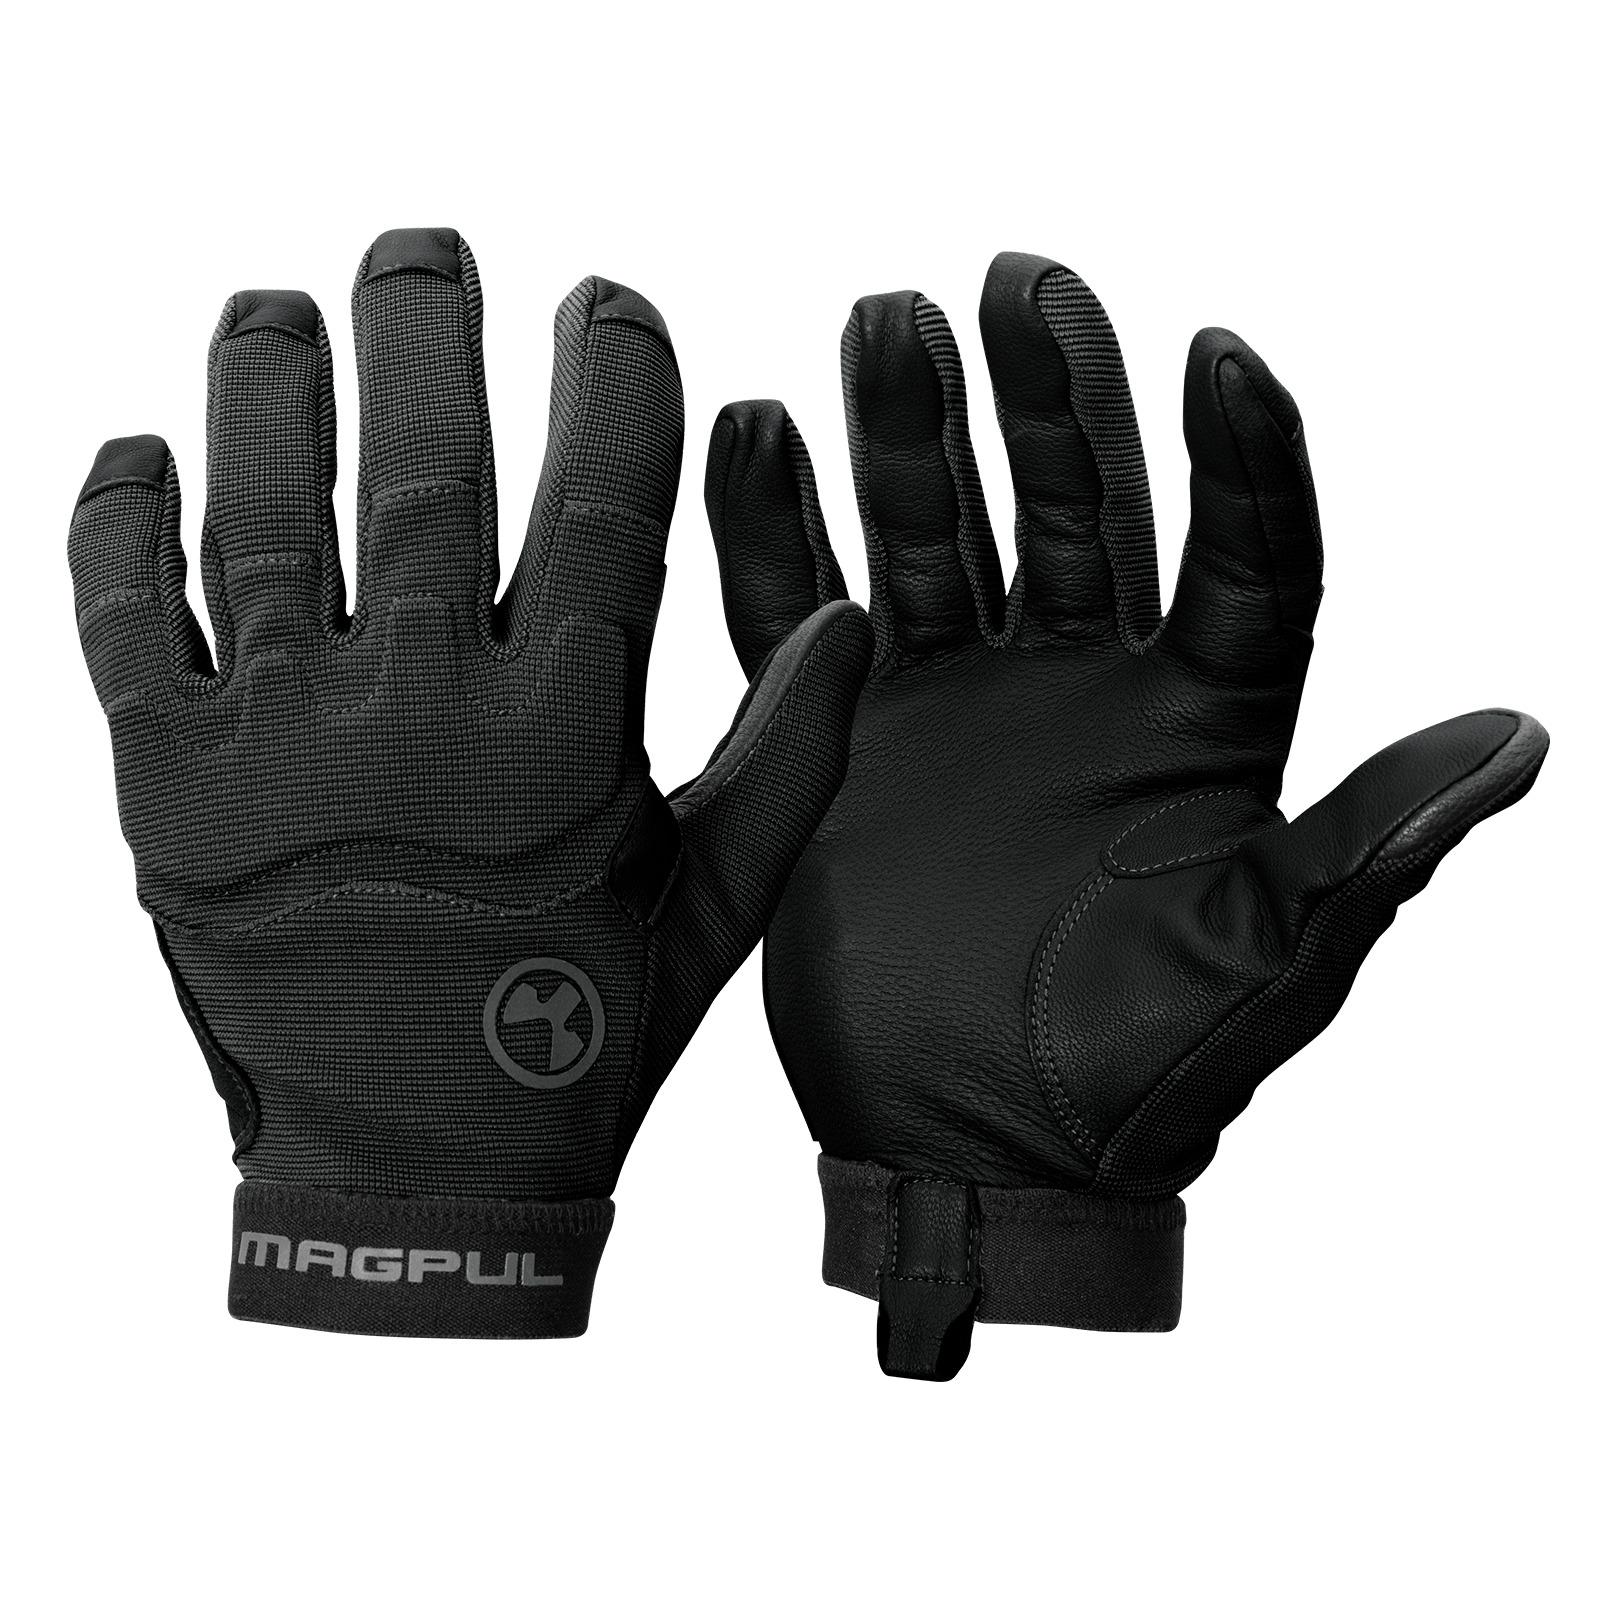 Magpul MAG1015-001 Patrol Glove 2.0 XXL Black